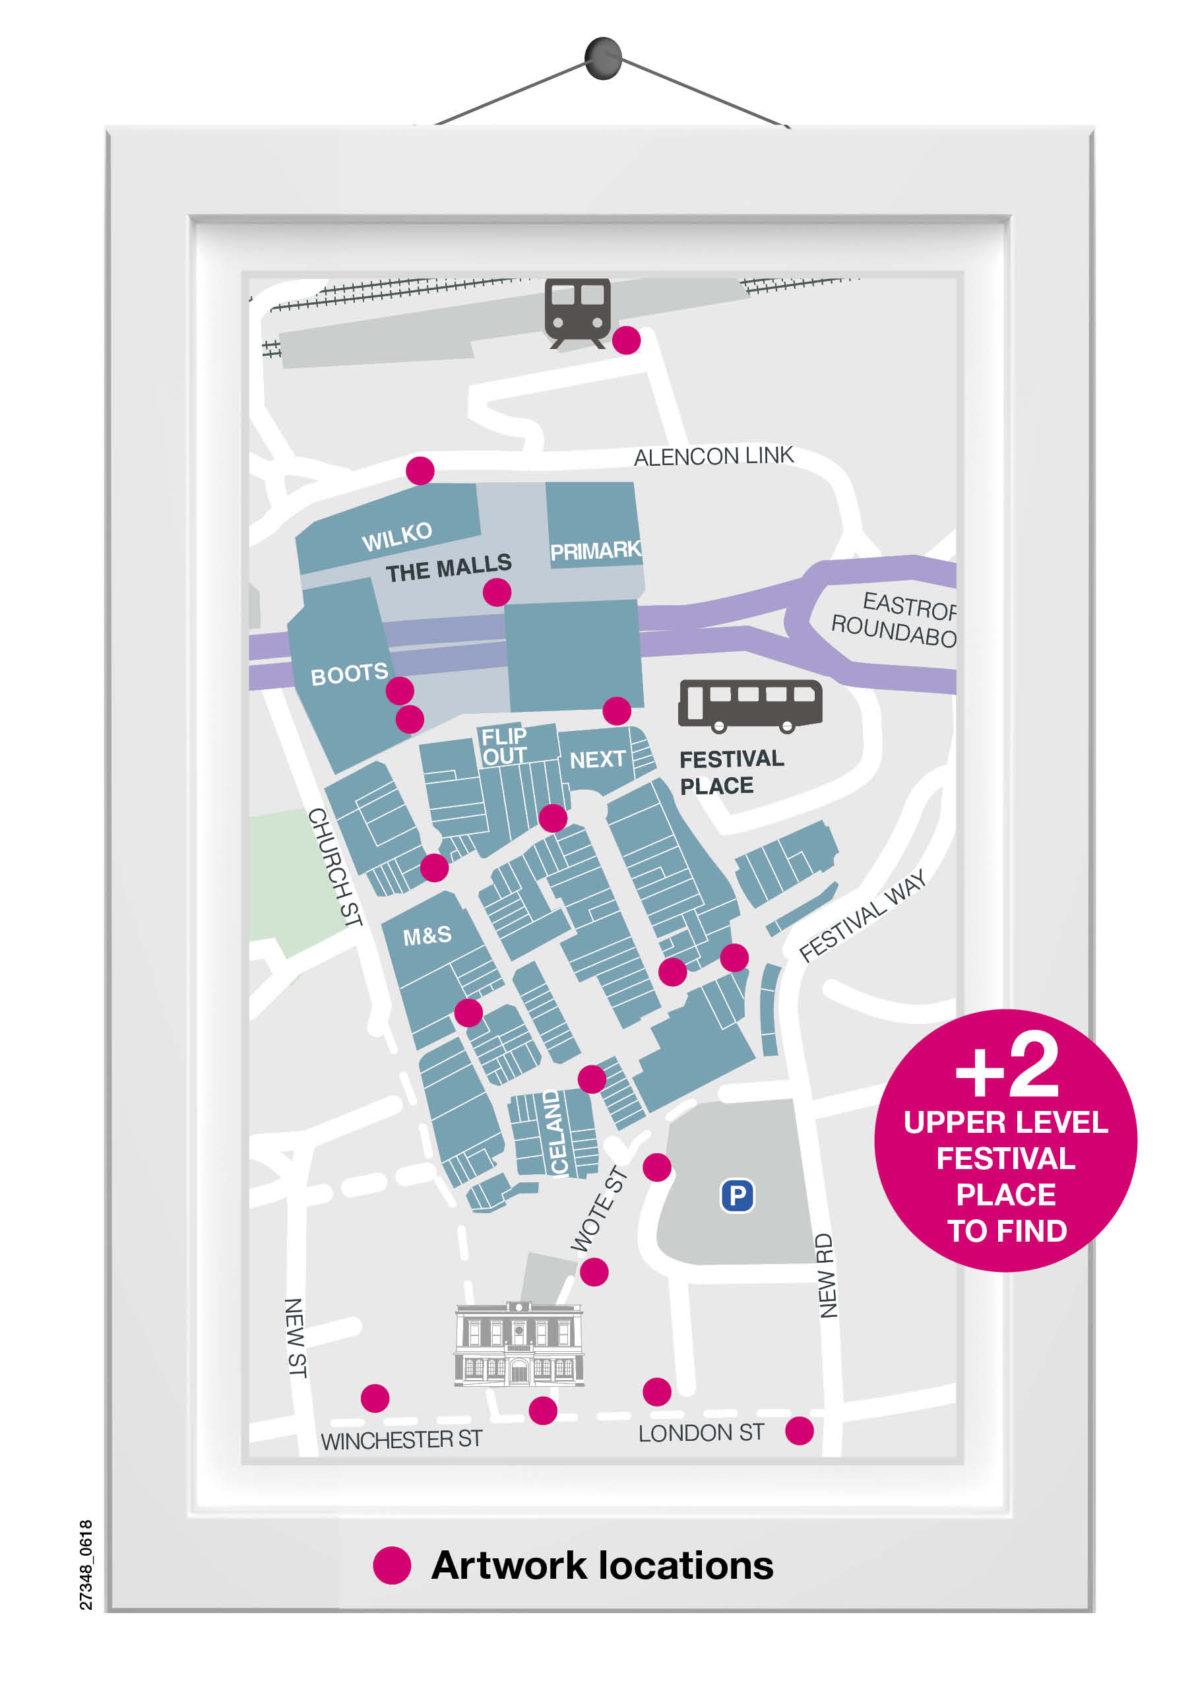 https://www.basingstokefestival.co.uk/wp-content/uploads/2018/06/27348-ARt-Basingstoke-map-flyer-1200x1683.jpg